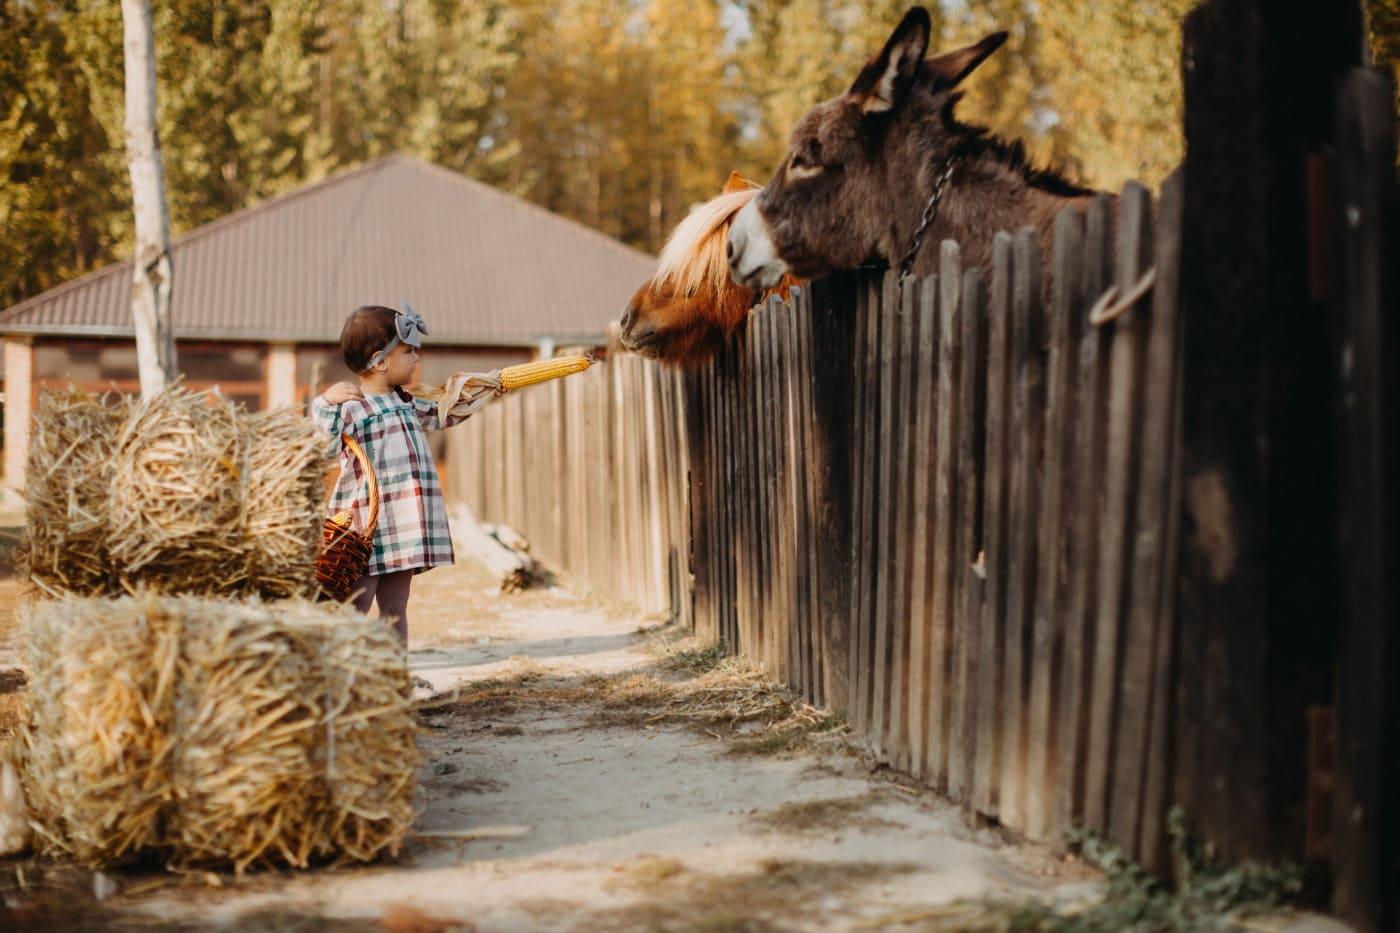 barn, jente, esel, hest, flettet kurv, fôring, dyr, korn, landsbyboer, landsbyen